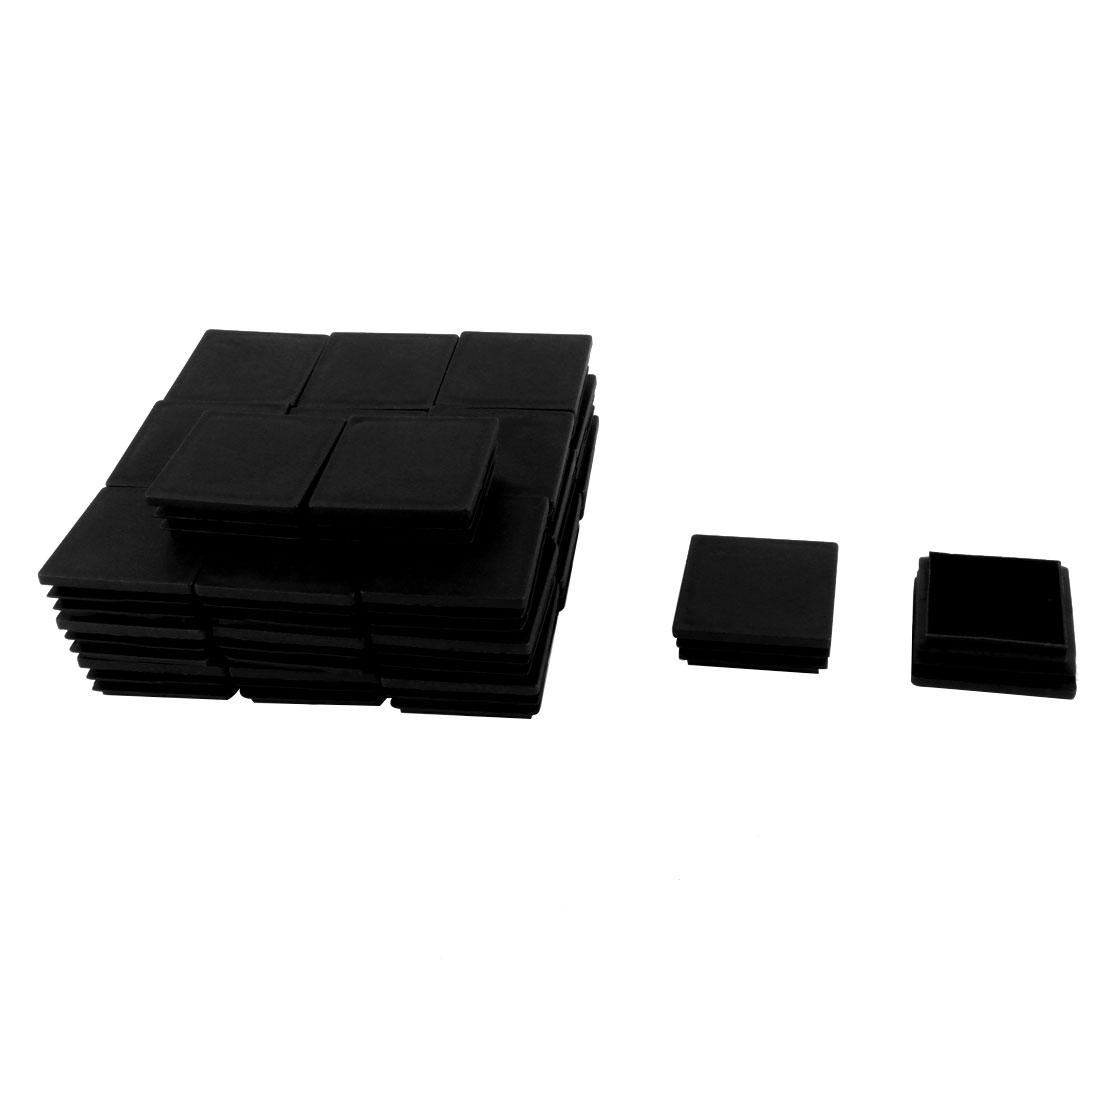 Home Plastic Square Furniture Table End Cap Tube Insert Black 50mm x 50mm 30 Pcs